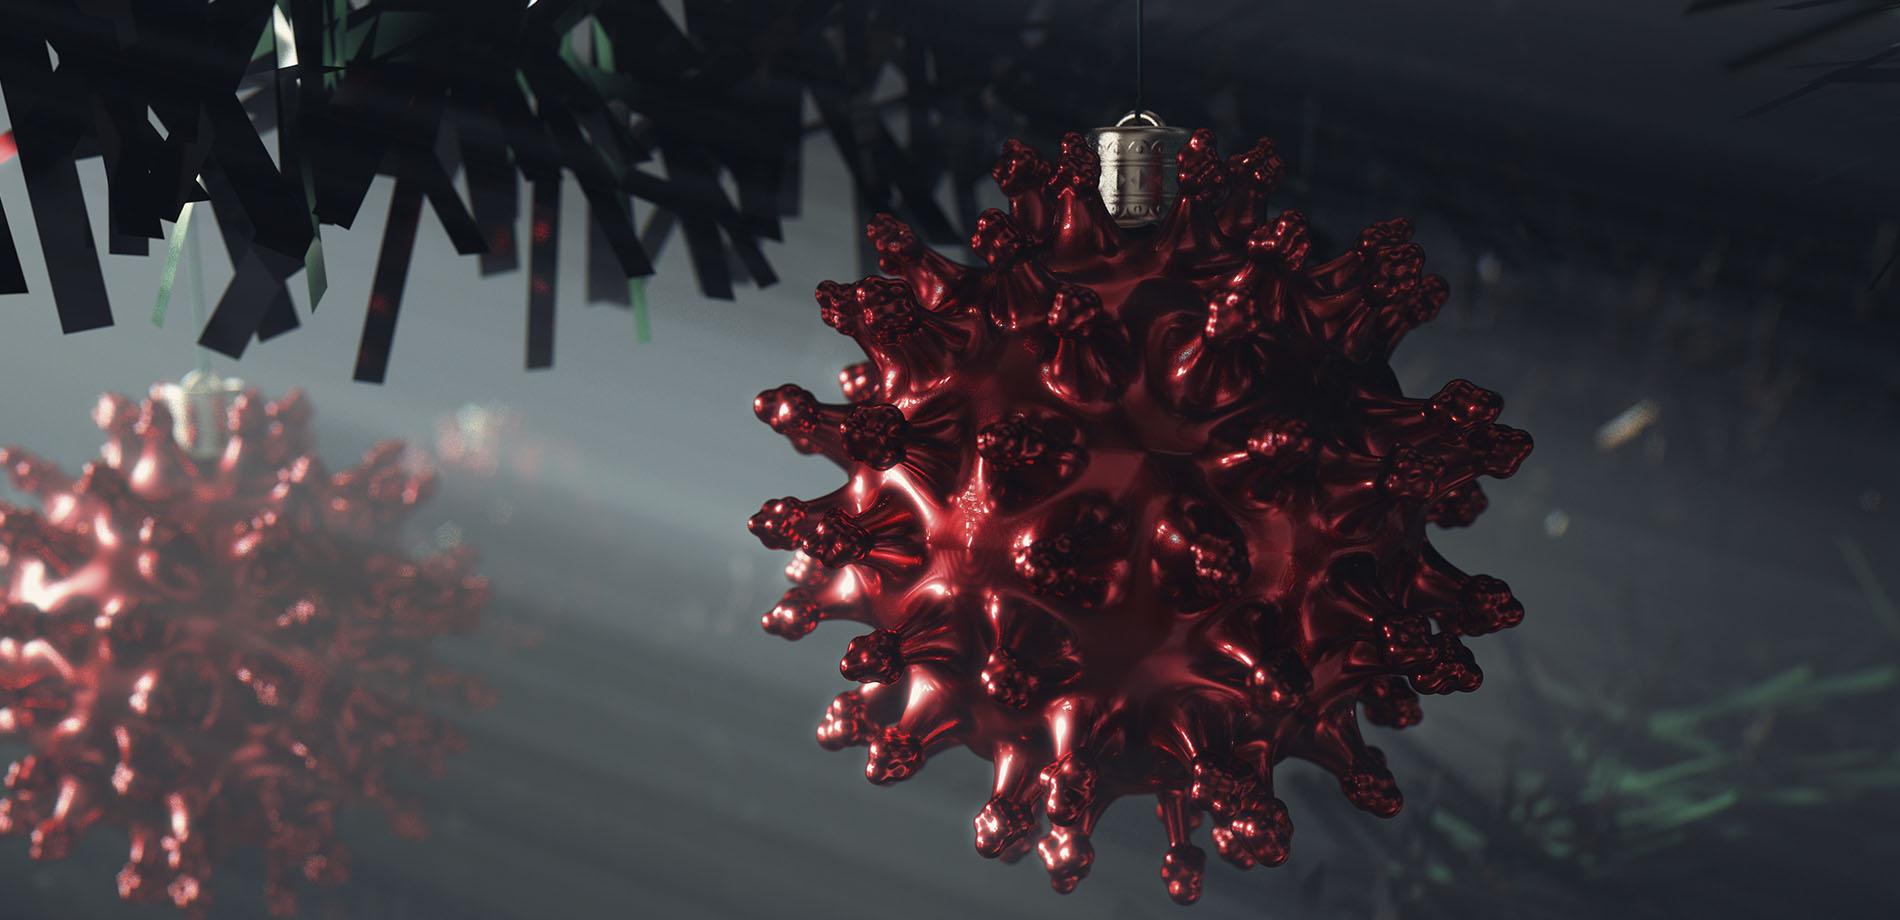 campaña de navidad 2020, campaña con coronavirus marketing 2020, marketing navidad 2020, estadísticas mercado 2020 ecommerce, compras online 2020 navidad, como será la navidad para las compras, marketing de navidad como preparar campaña, la campaña navidad coronavirus, covid 19 como será el marketing de navidad